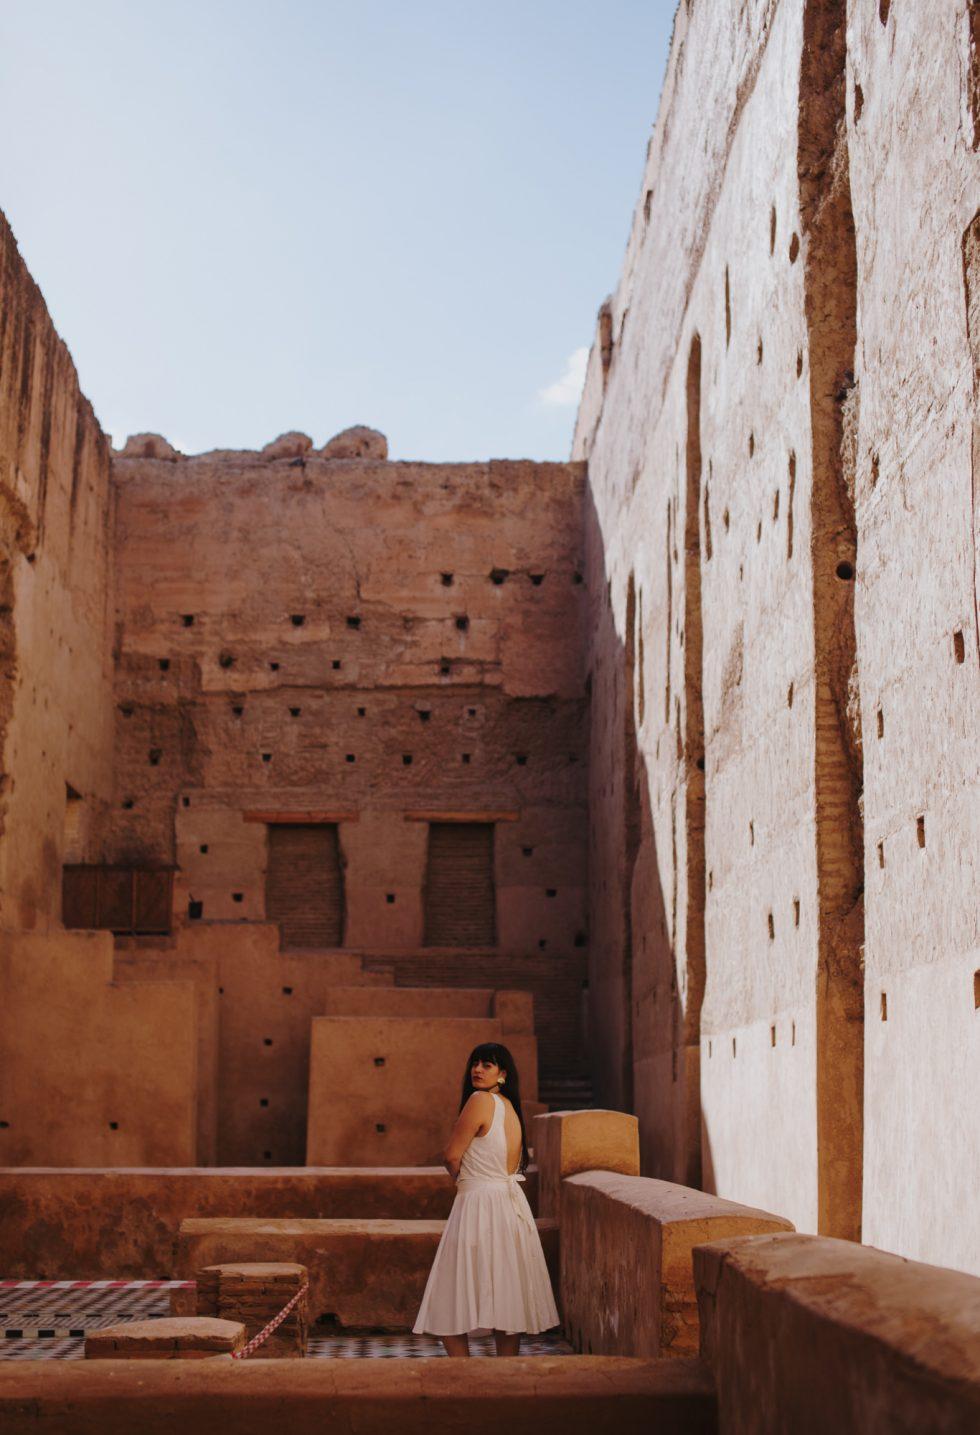 el-badi-palace-morocco-travel-lifestyle-photographer-laura-g-diaz-3